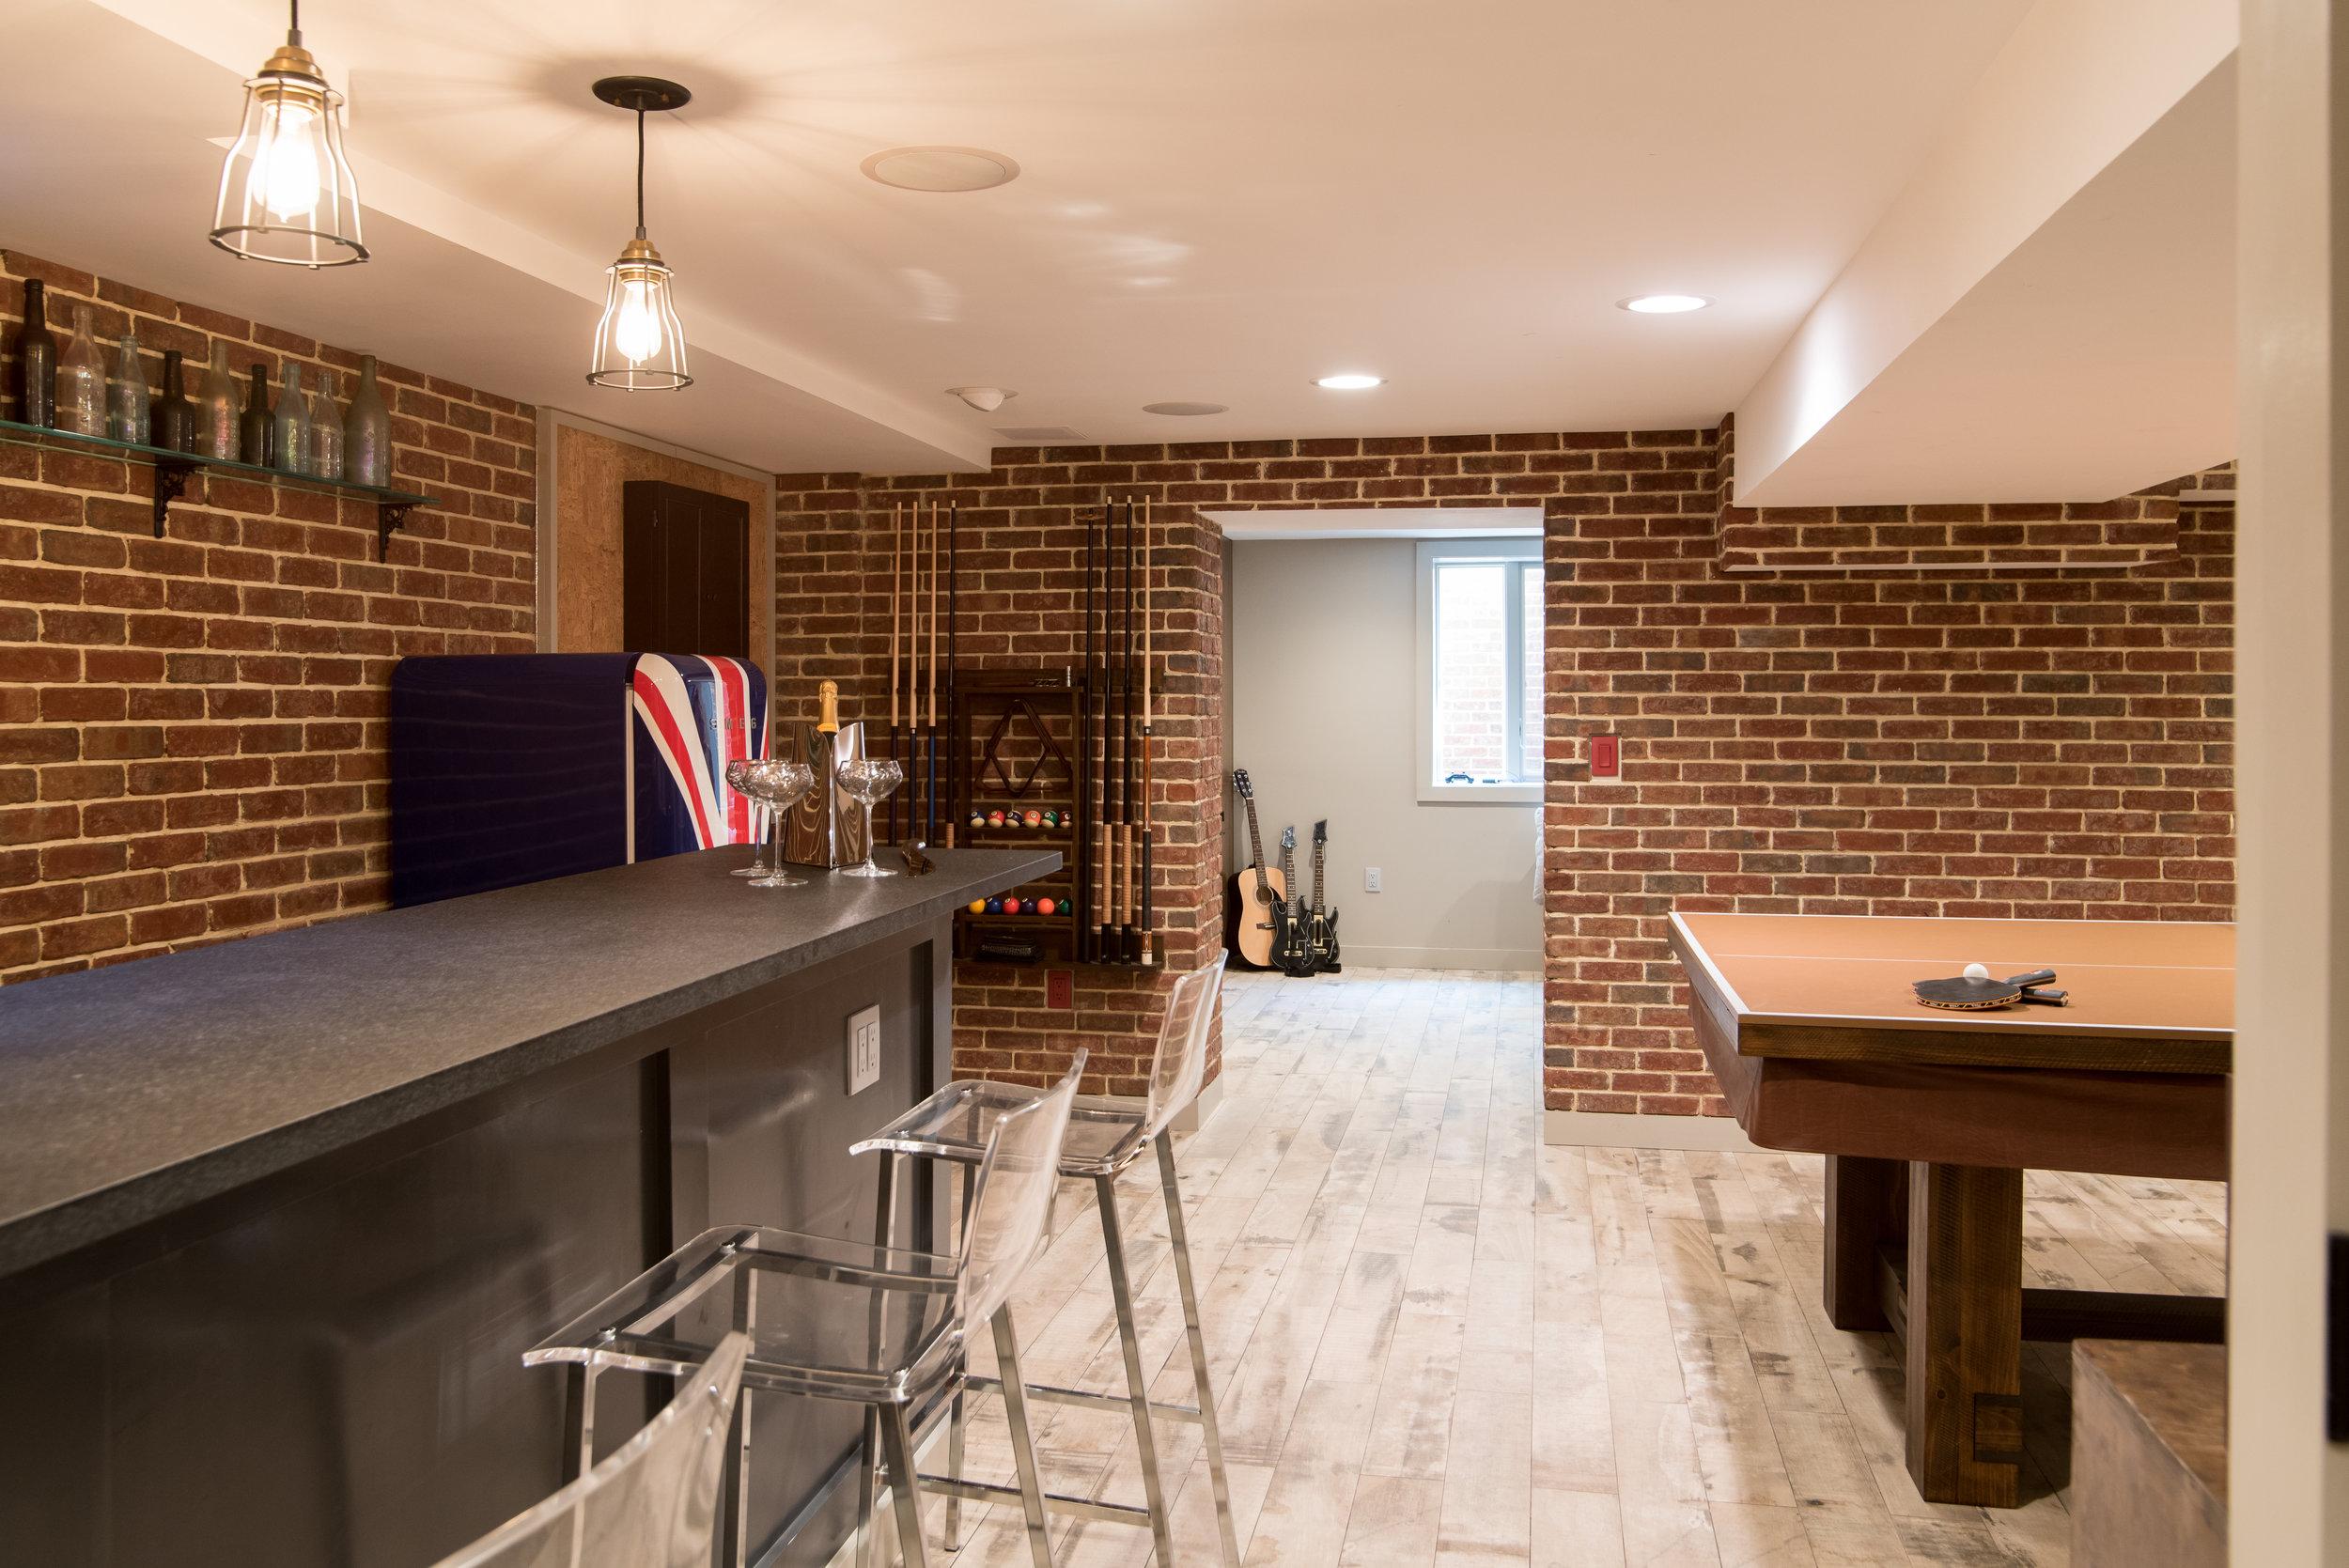 basement_reno-28.JPG